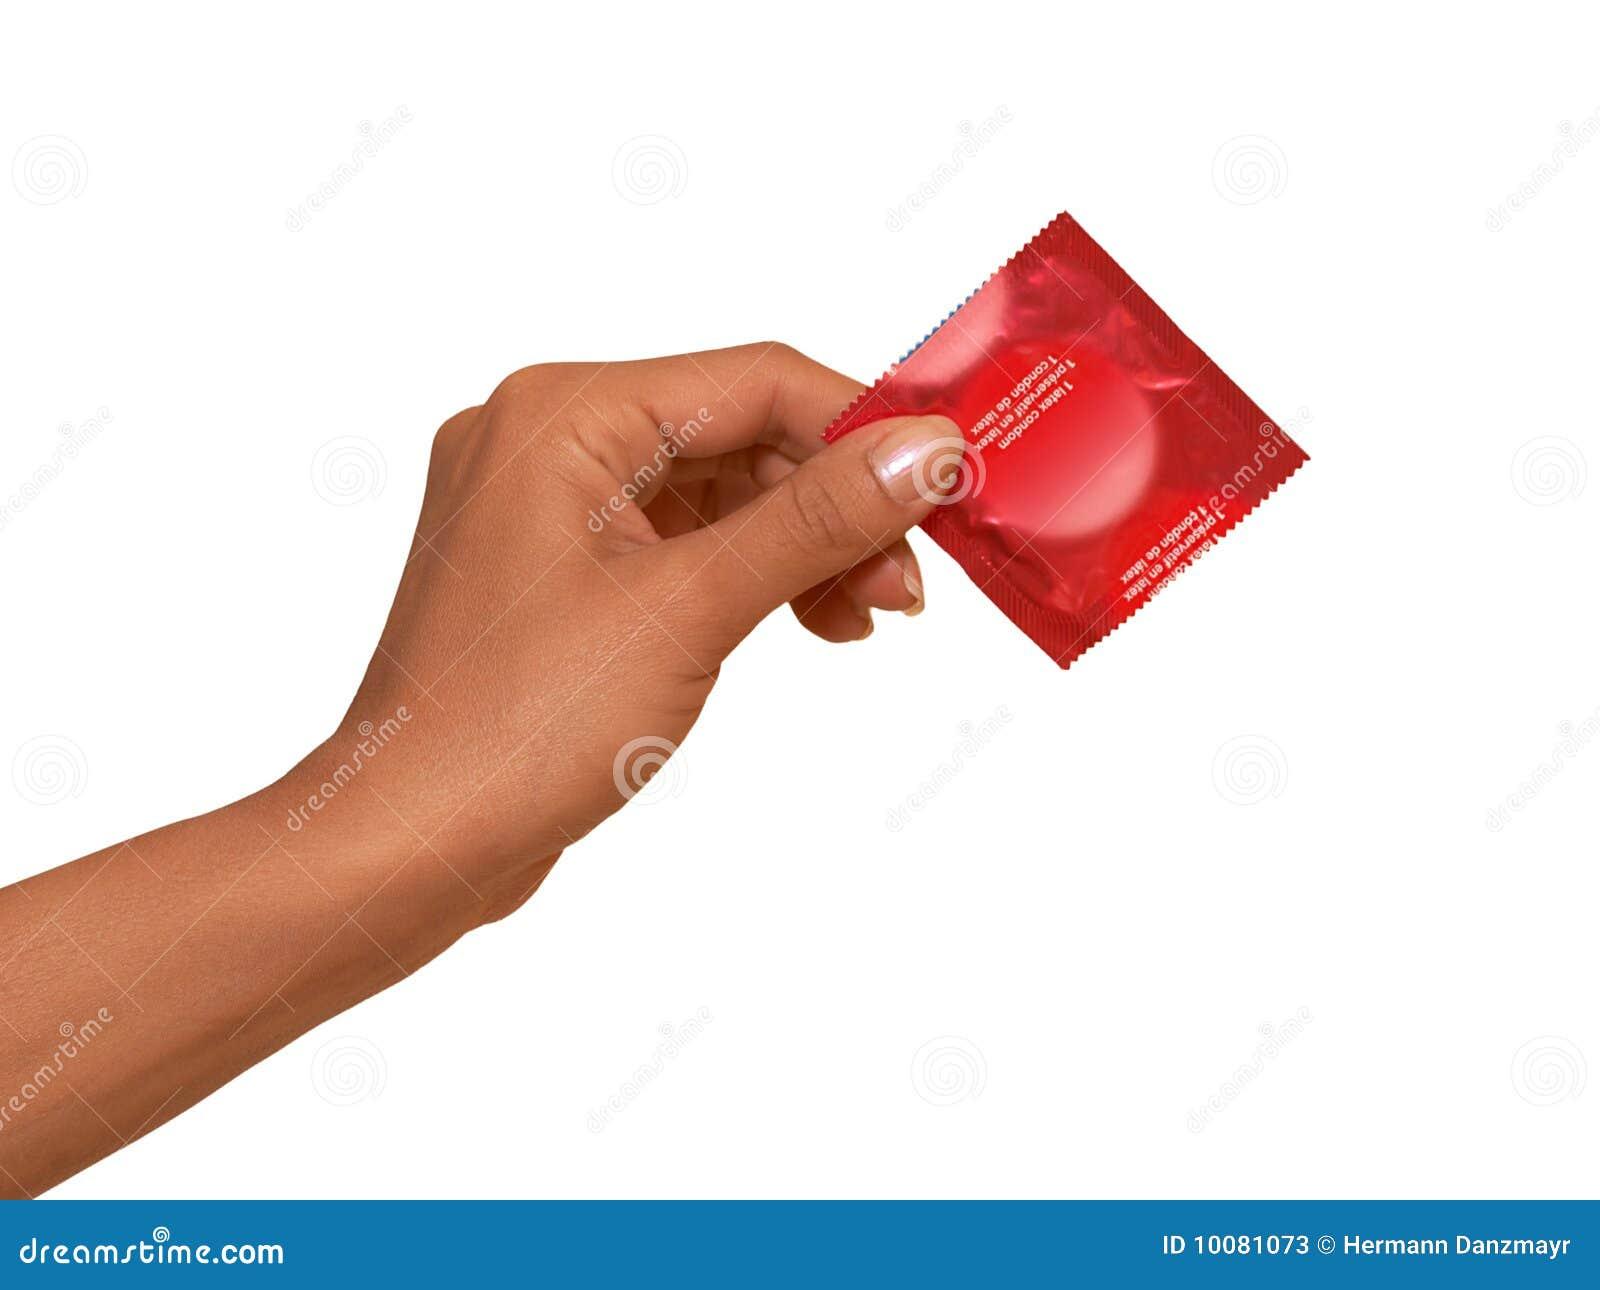 Bezpieczna kondom płeć